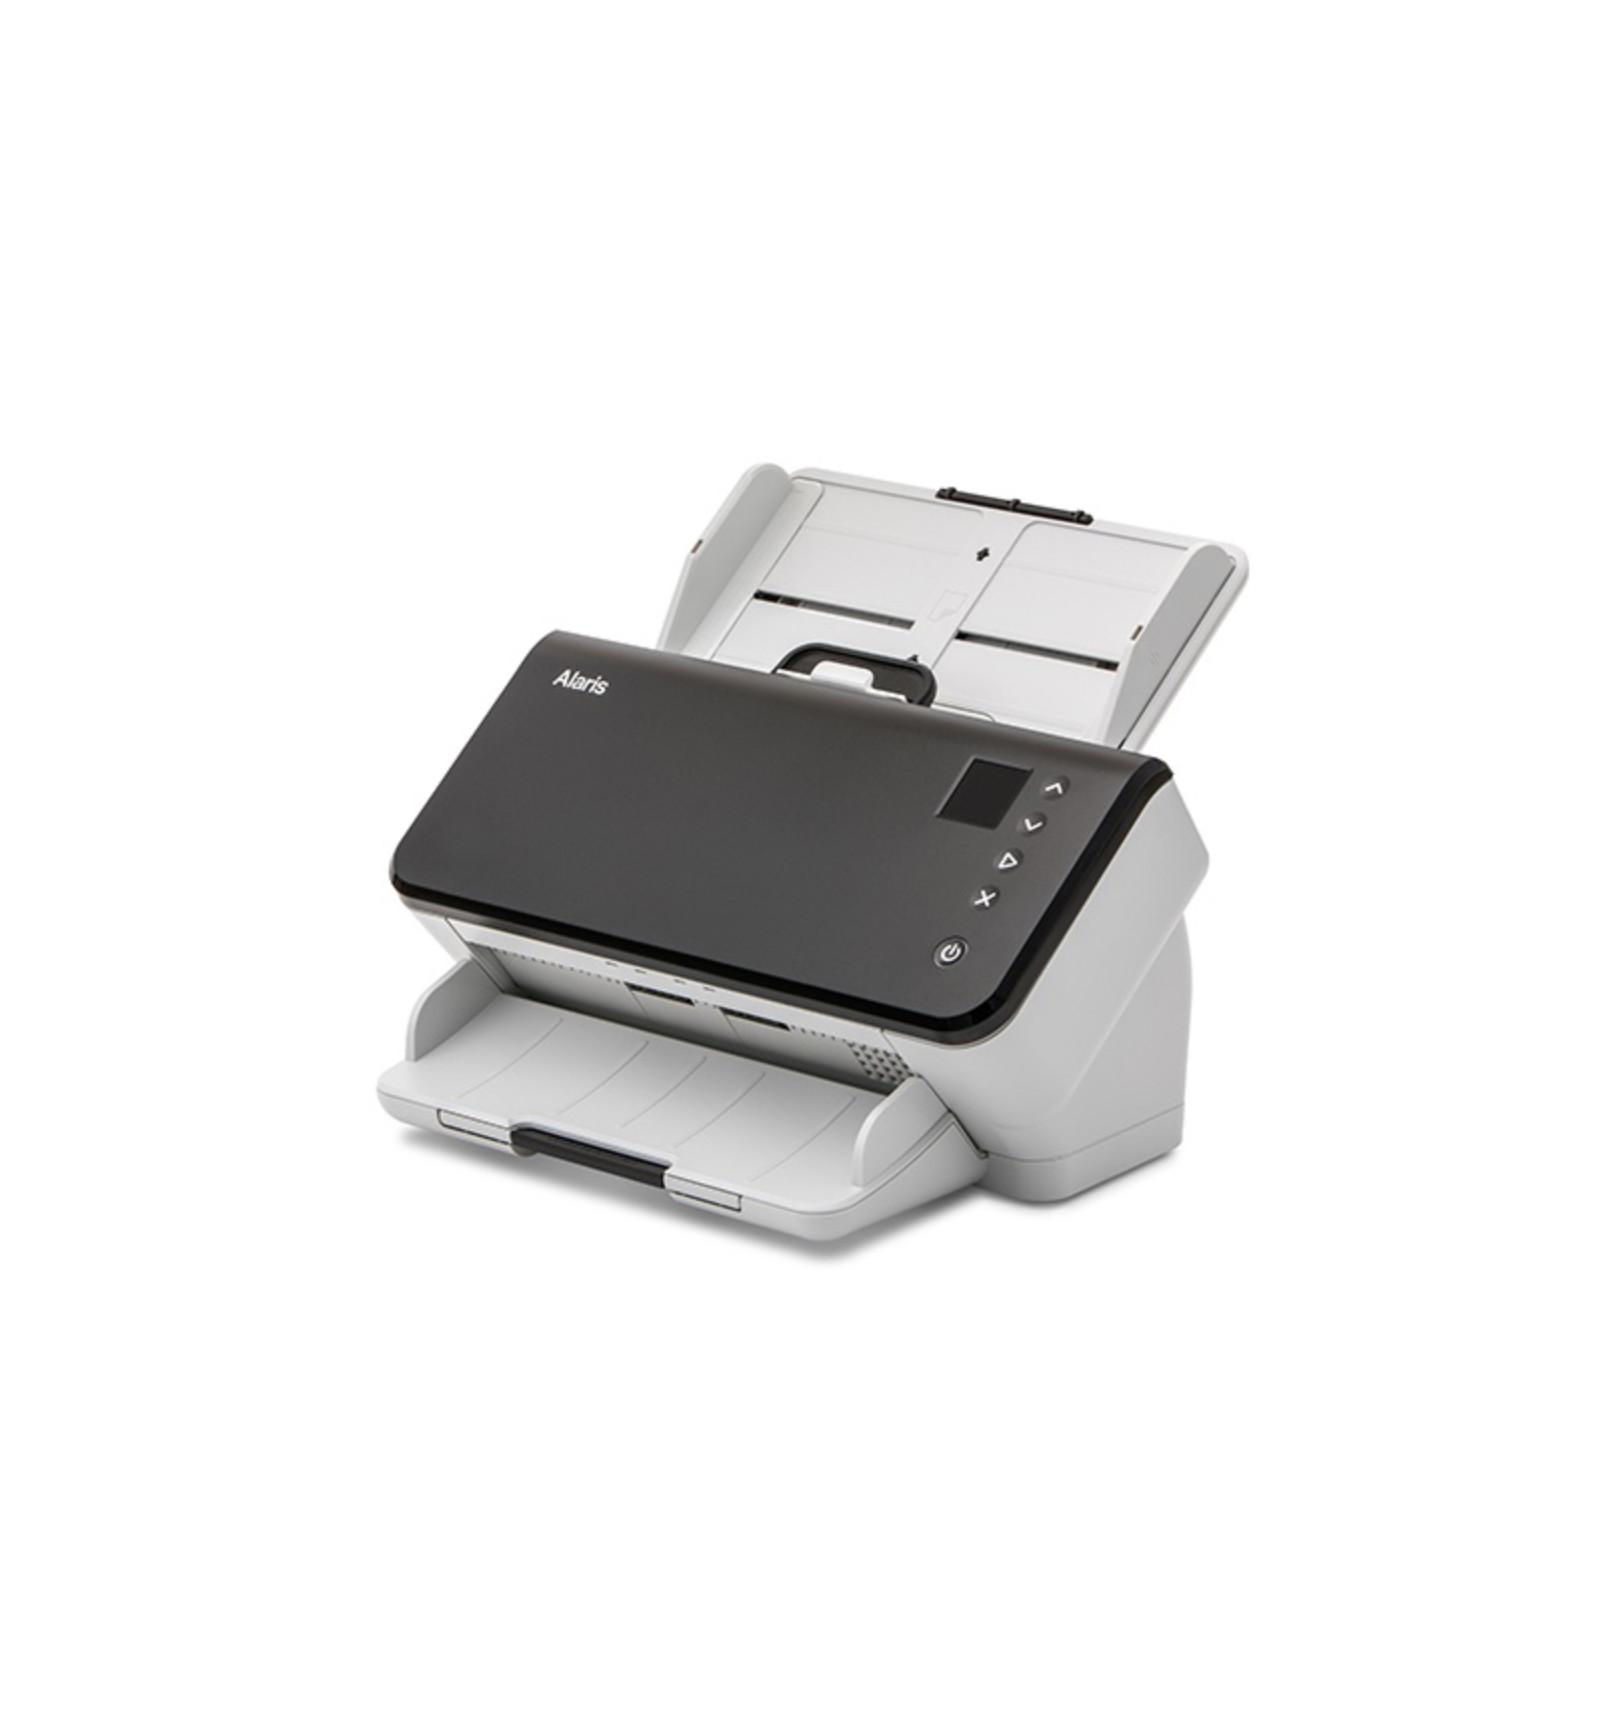 Máy quét tài liệu Alaris E1025 hàng chính hãng